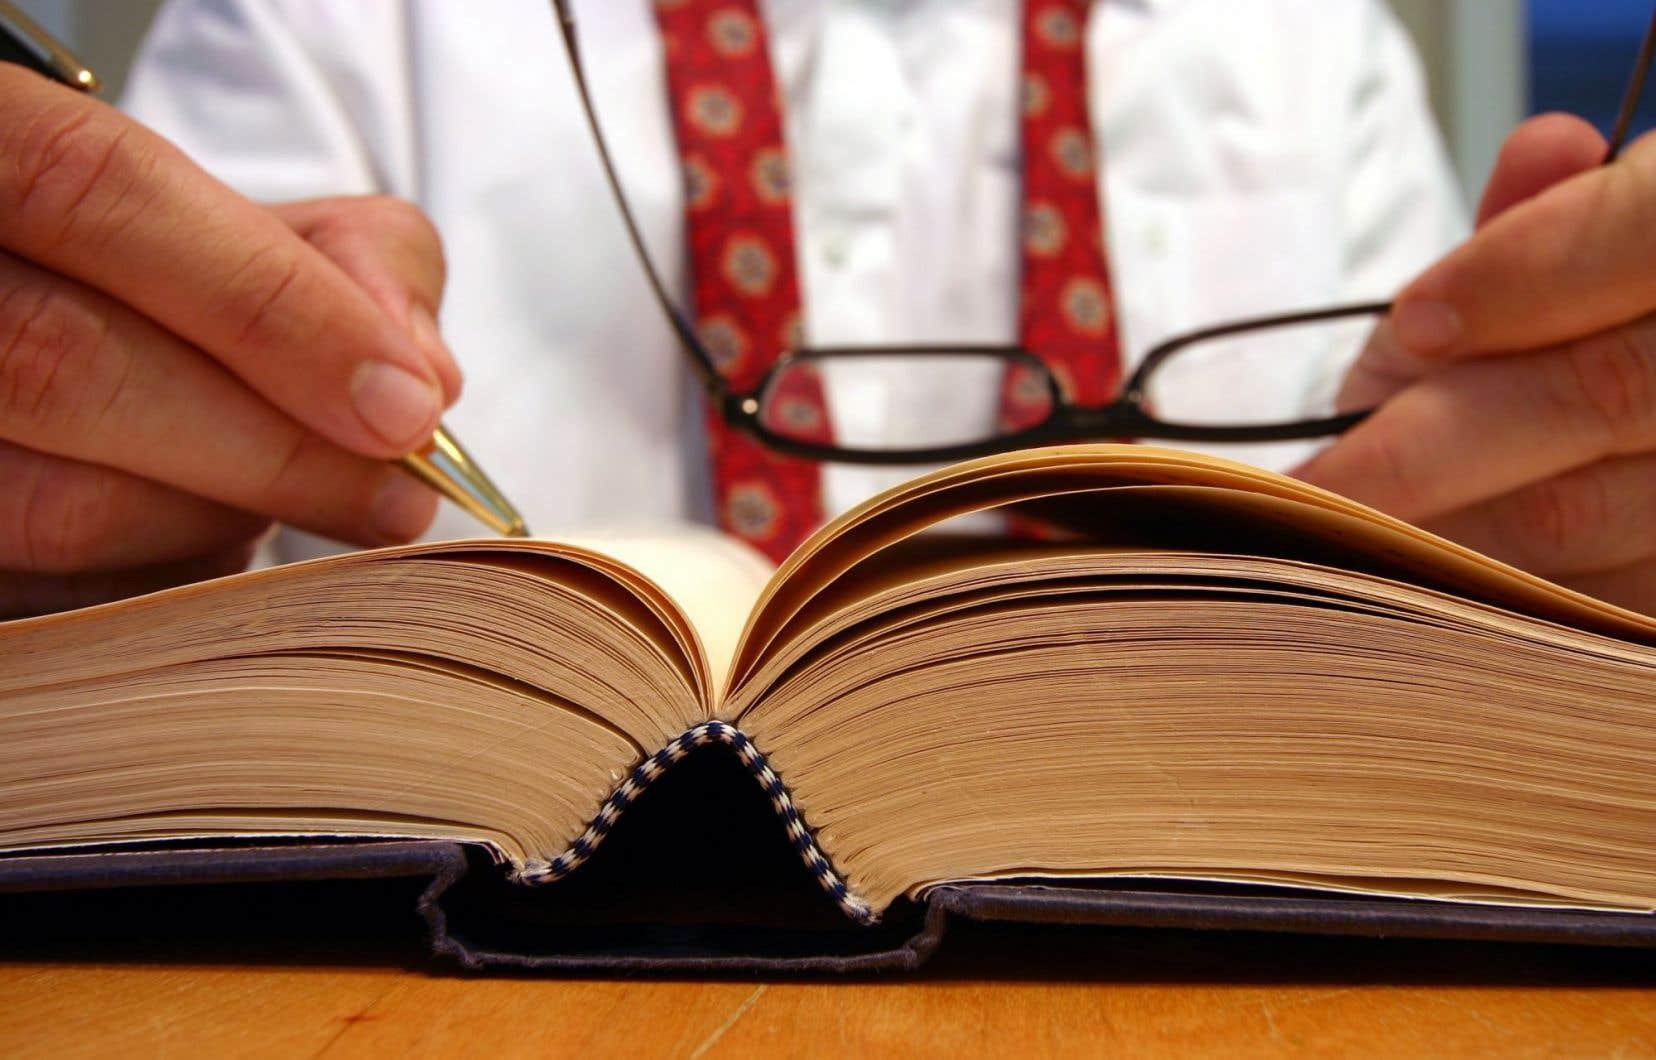 À l'heure actuelle, les étudiants peuvent seulement offrir de l'information juridique.